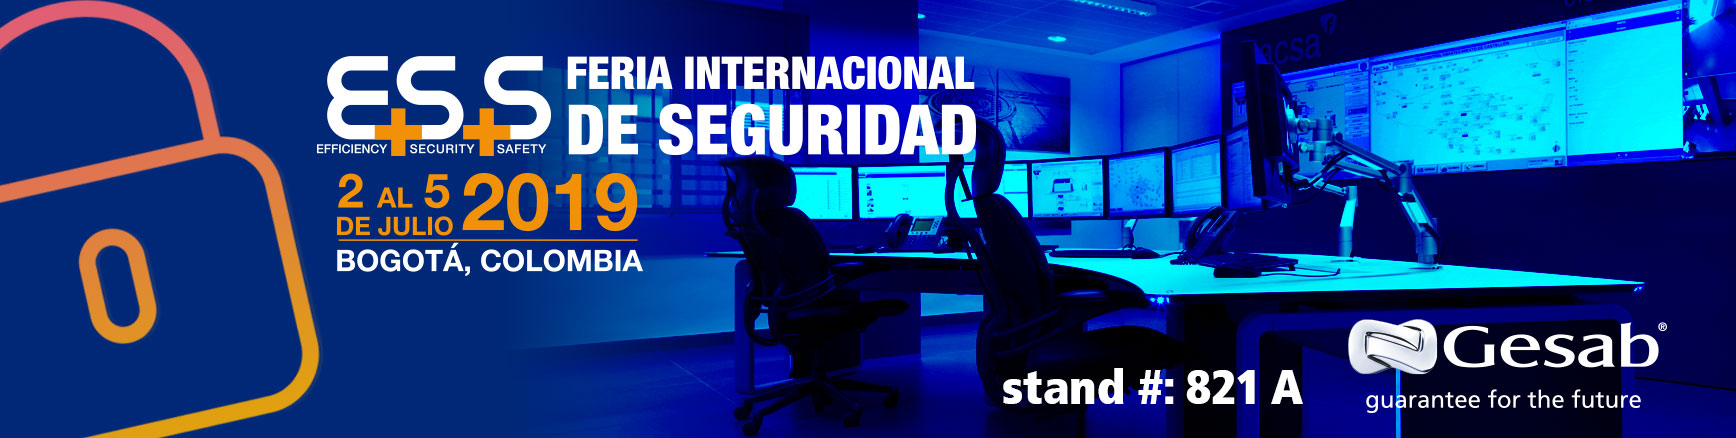 Feria Internacional de Seguridad E+S+S